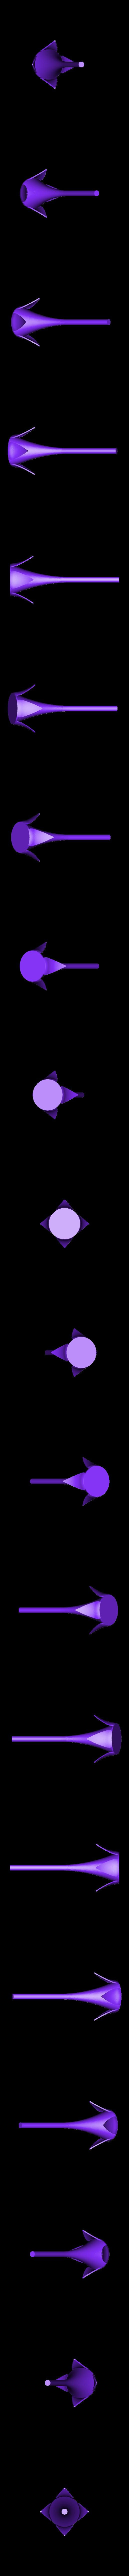 stem_130421a.stl Télécharger fichier STL gratuit vase avec des roses • Design imprimable en 3D, Hazon_Maker